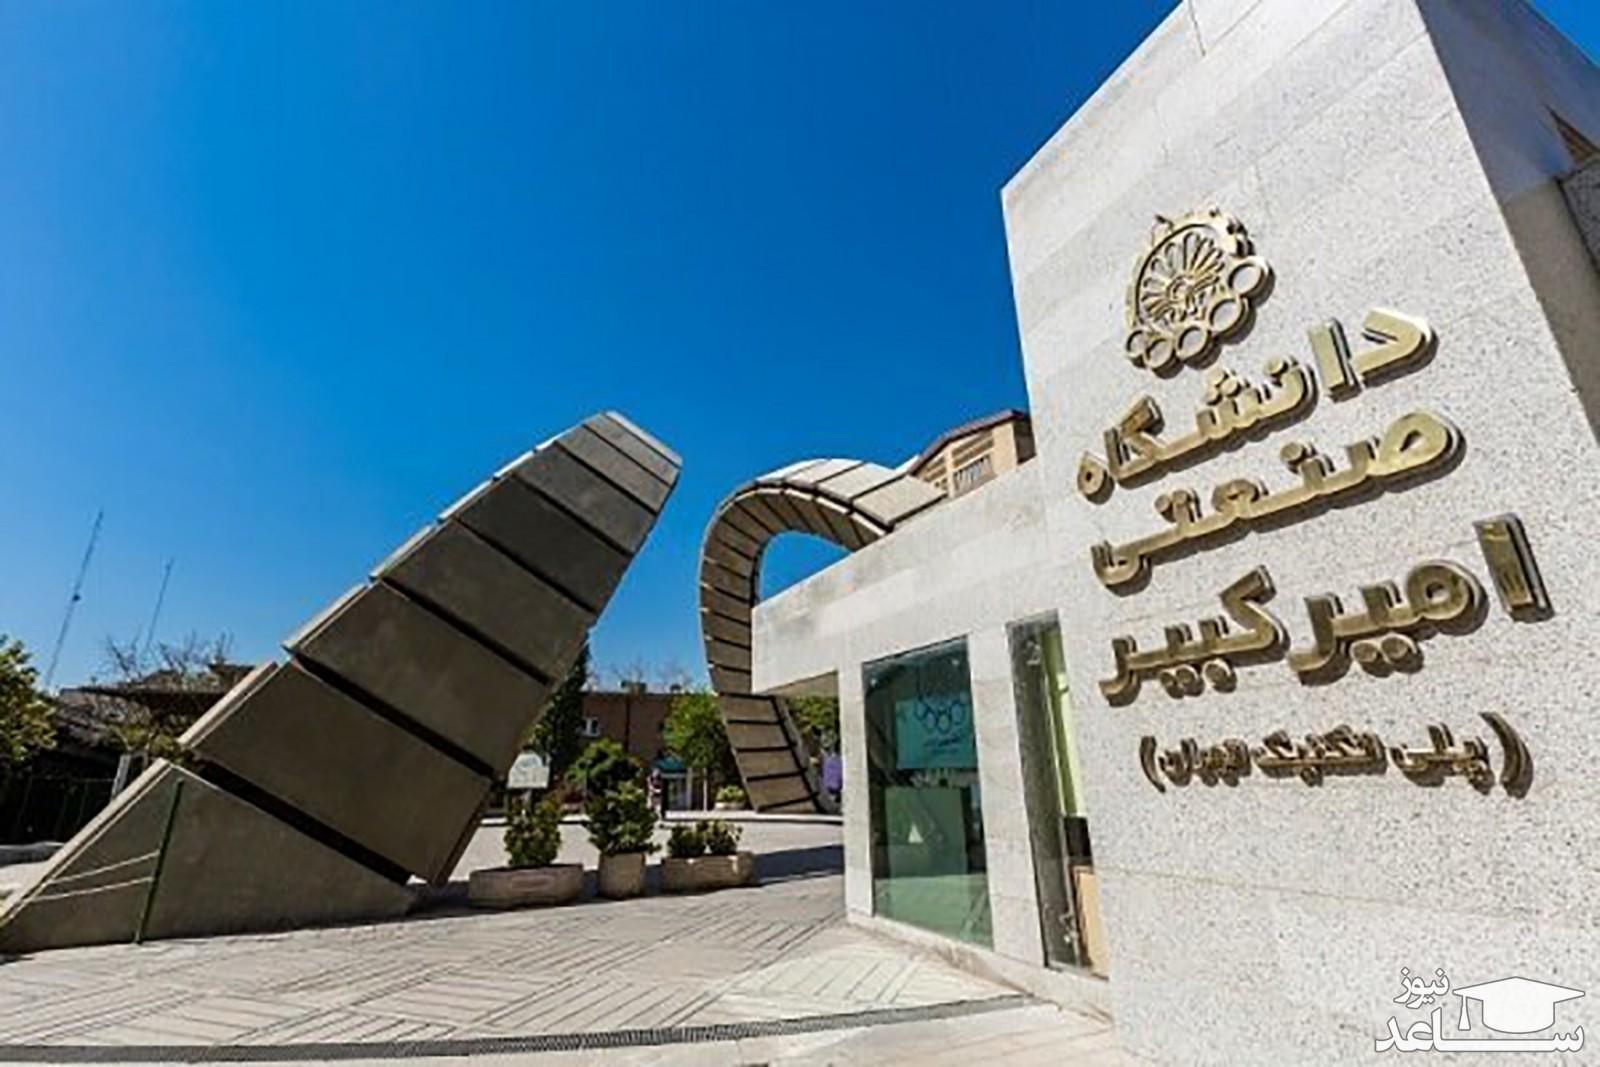 مهلت دفاع از پایان نامه در دانشگاه امیرکبیر تا ۱۵ مهرماه تمدید شد